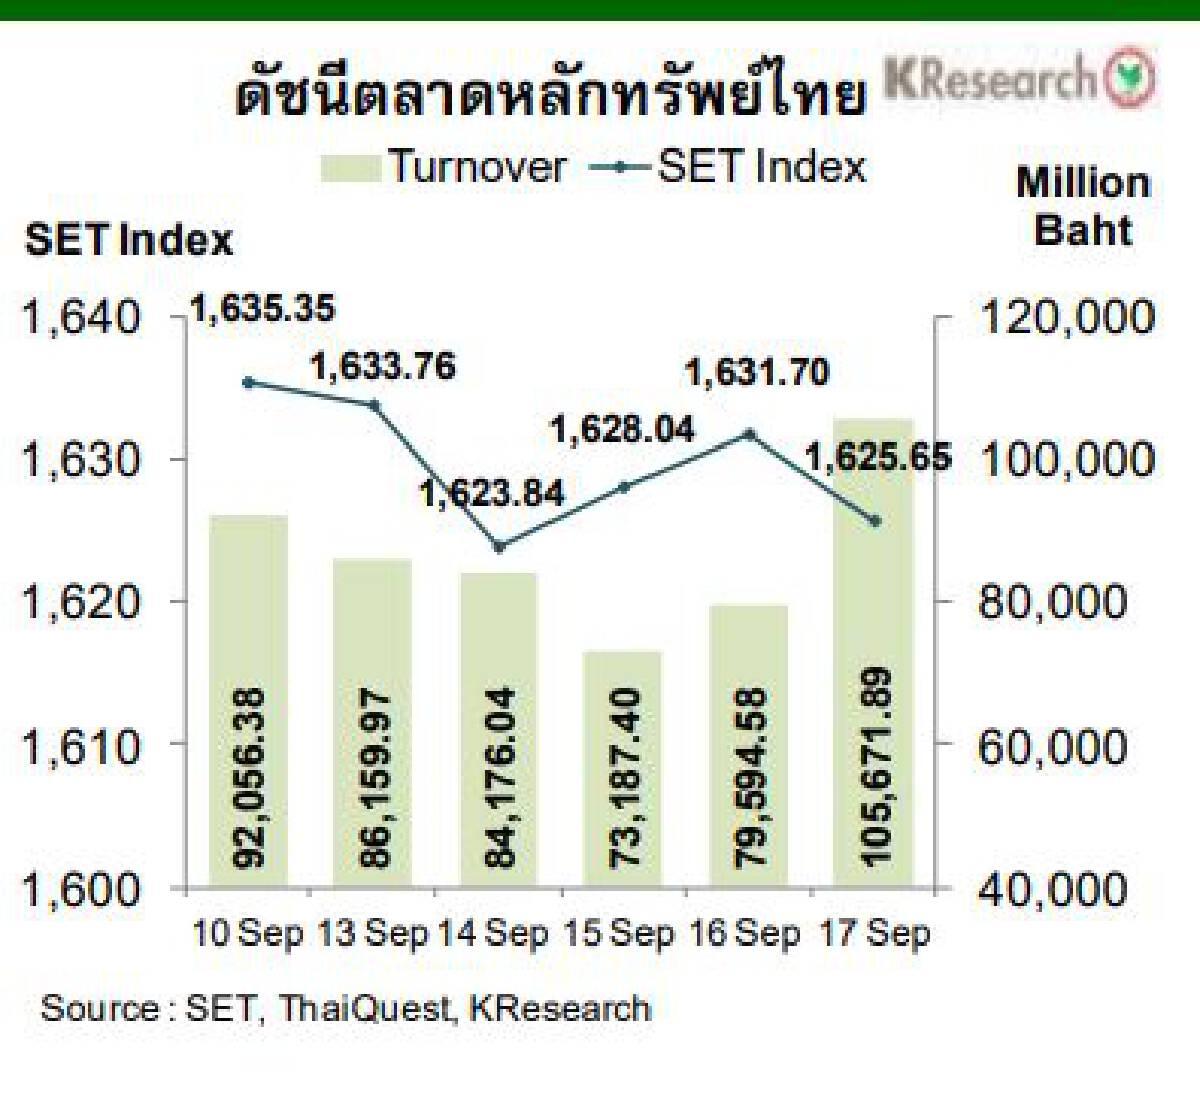 แนะติดตาม 7ปัจจัยสัปดาห์หน้า ชี้ทิศค่าเงินบาทและดัชนีหุ้นไทย